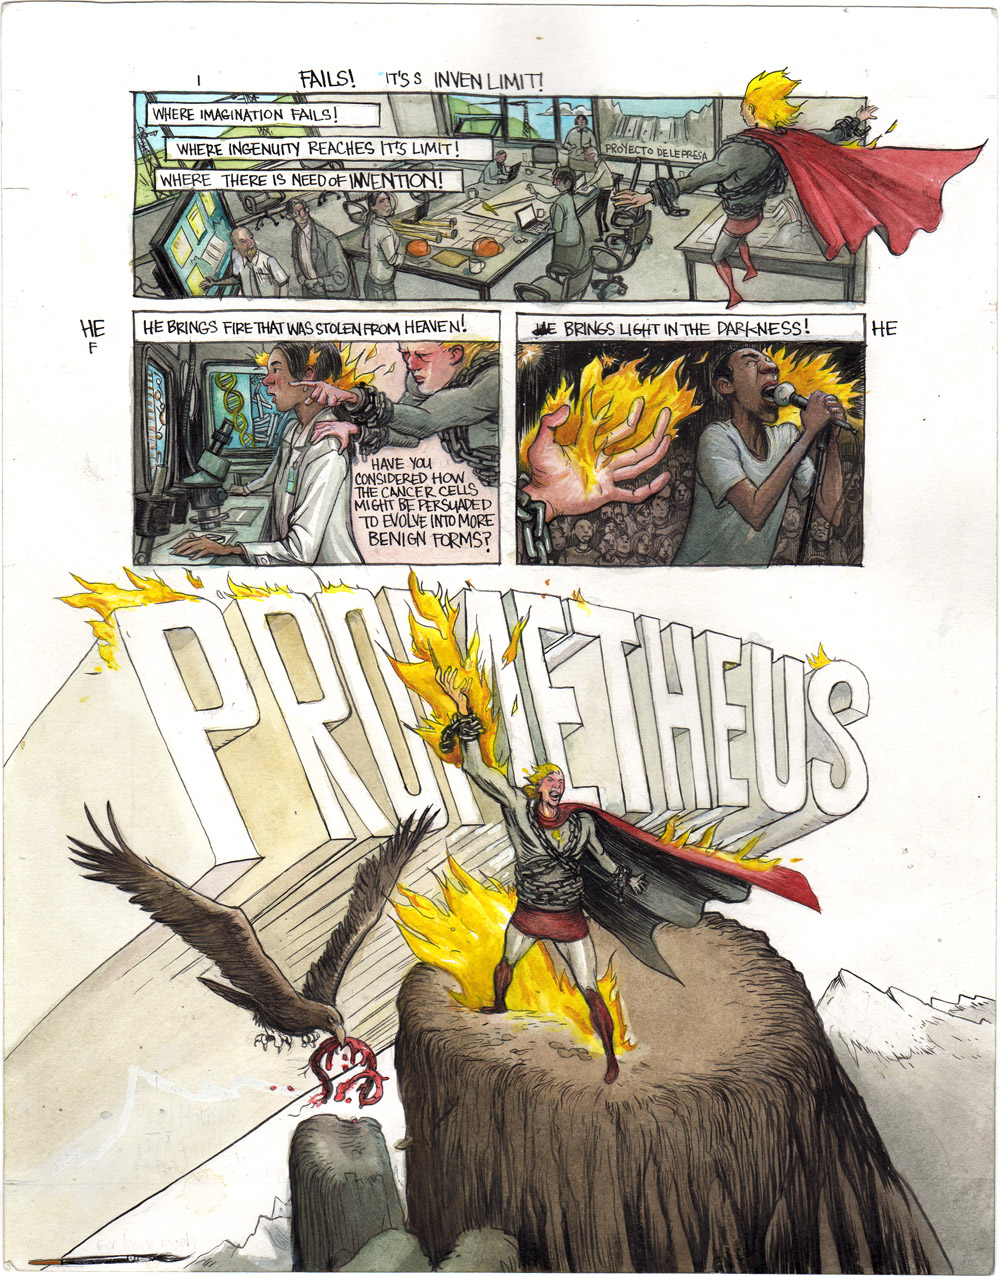 Prometheus - 3 Page Set - w Grant Morrison